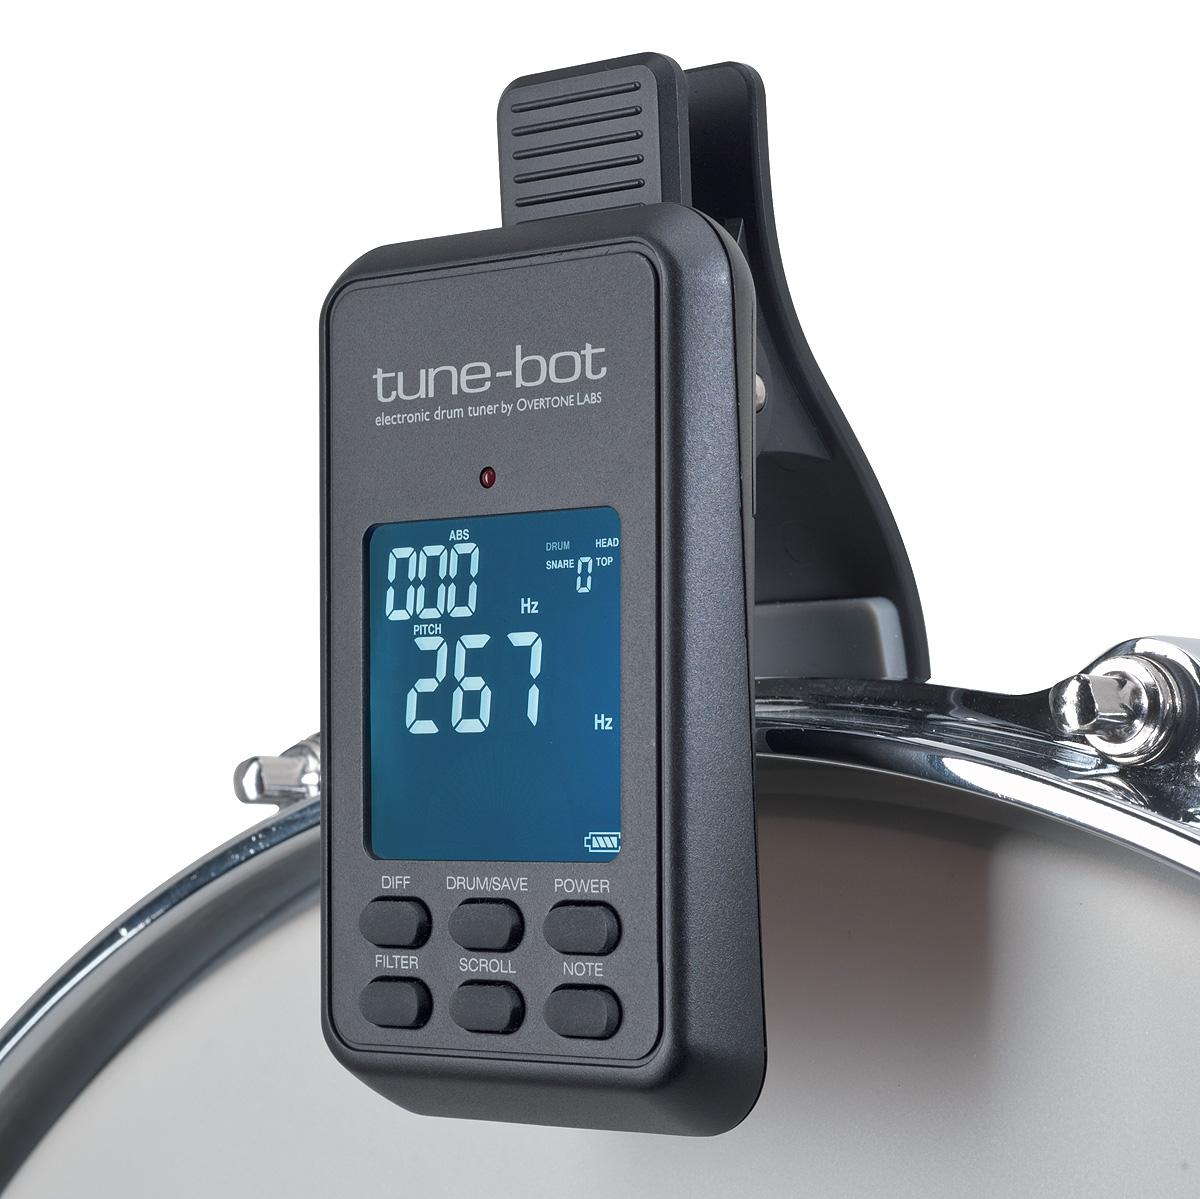 TUNE-BOT: Drum Tuner Presentation